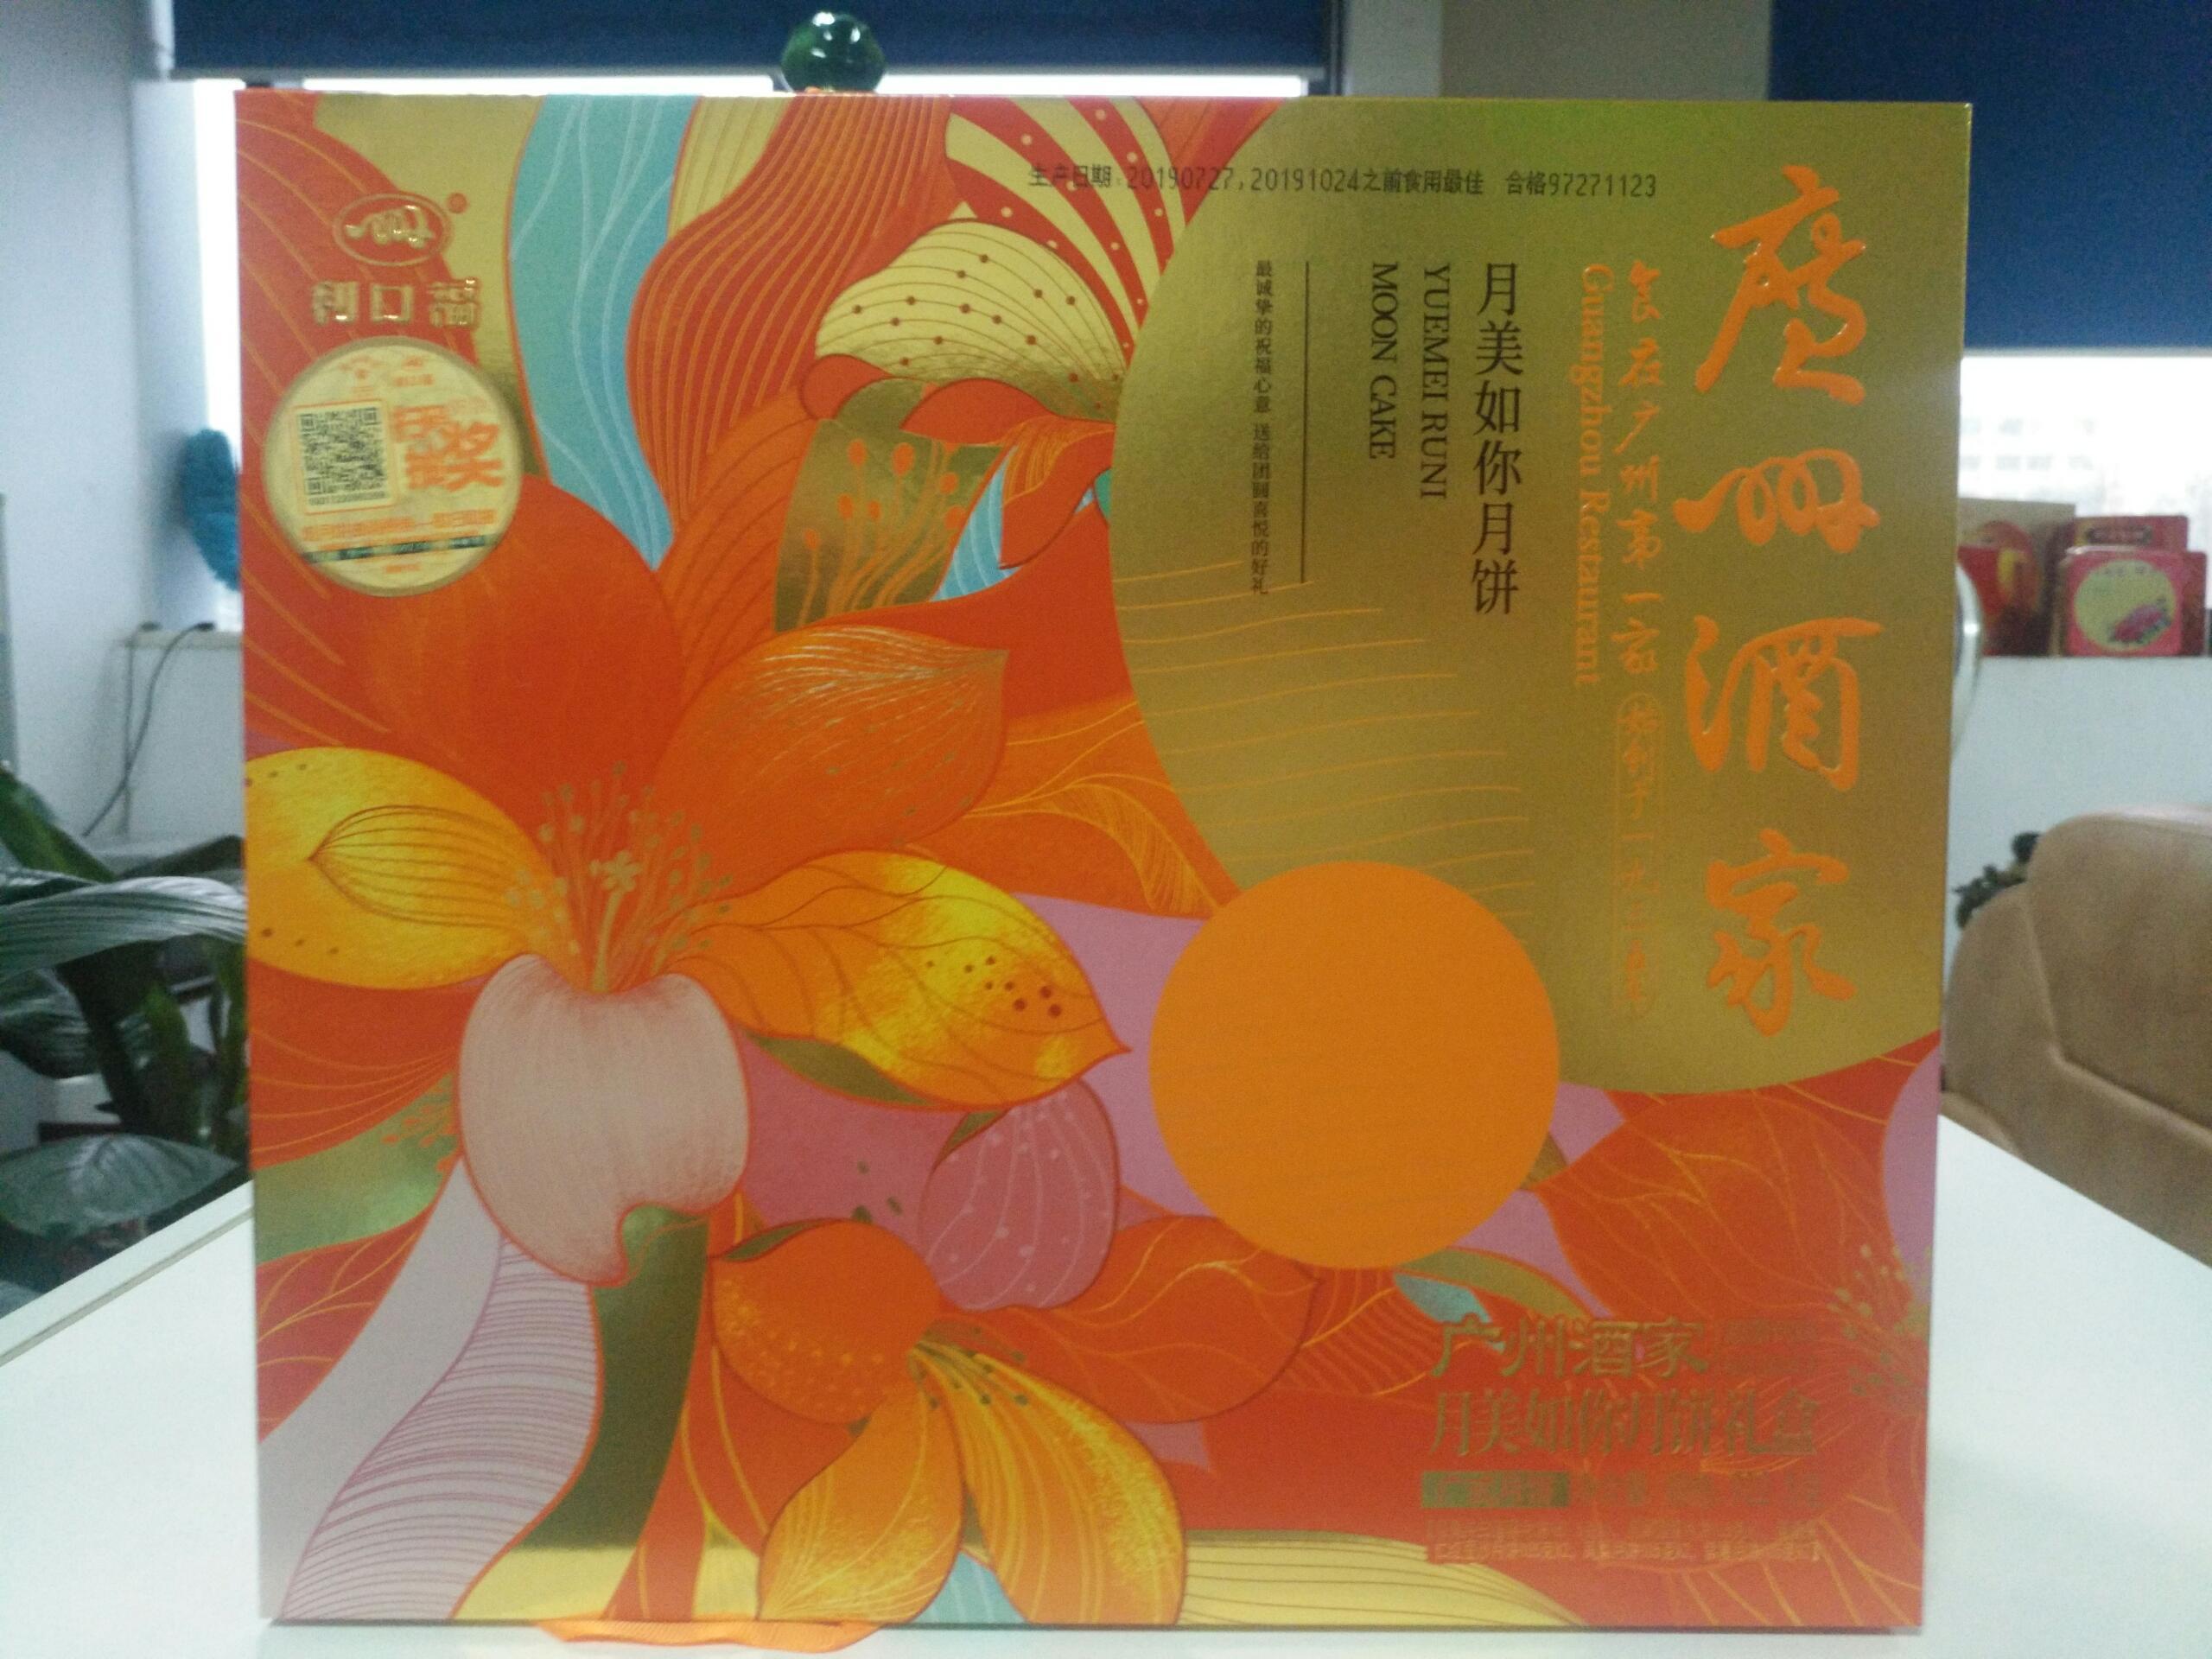 月美如你月饼礼盒 广州酒家月饼 批发团购 工厂直销